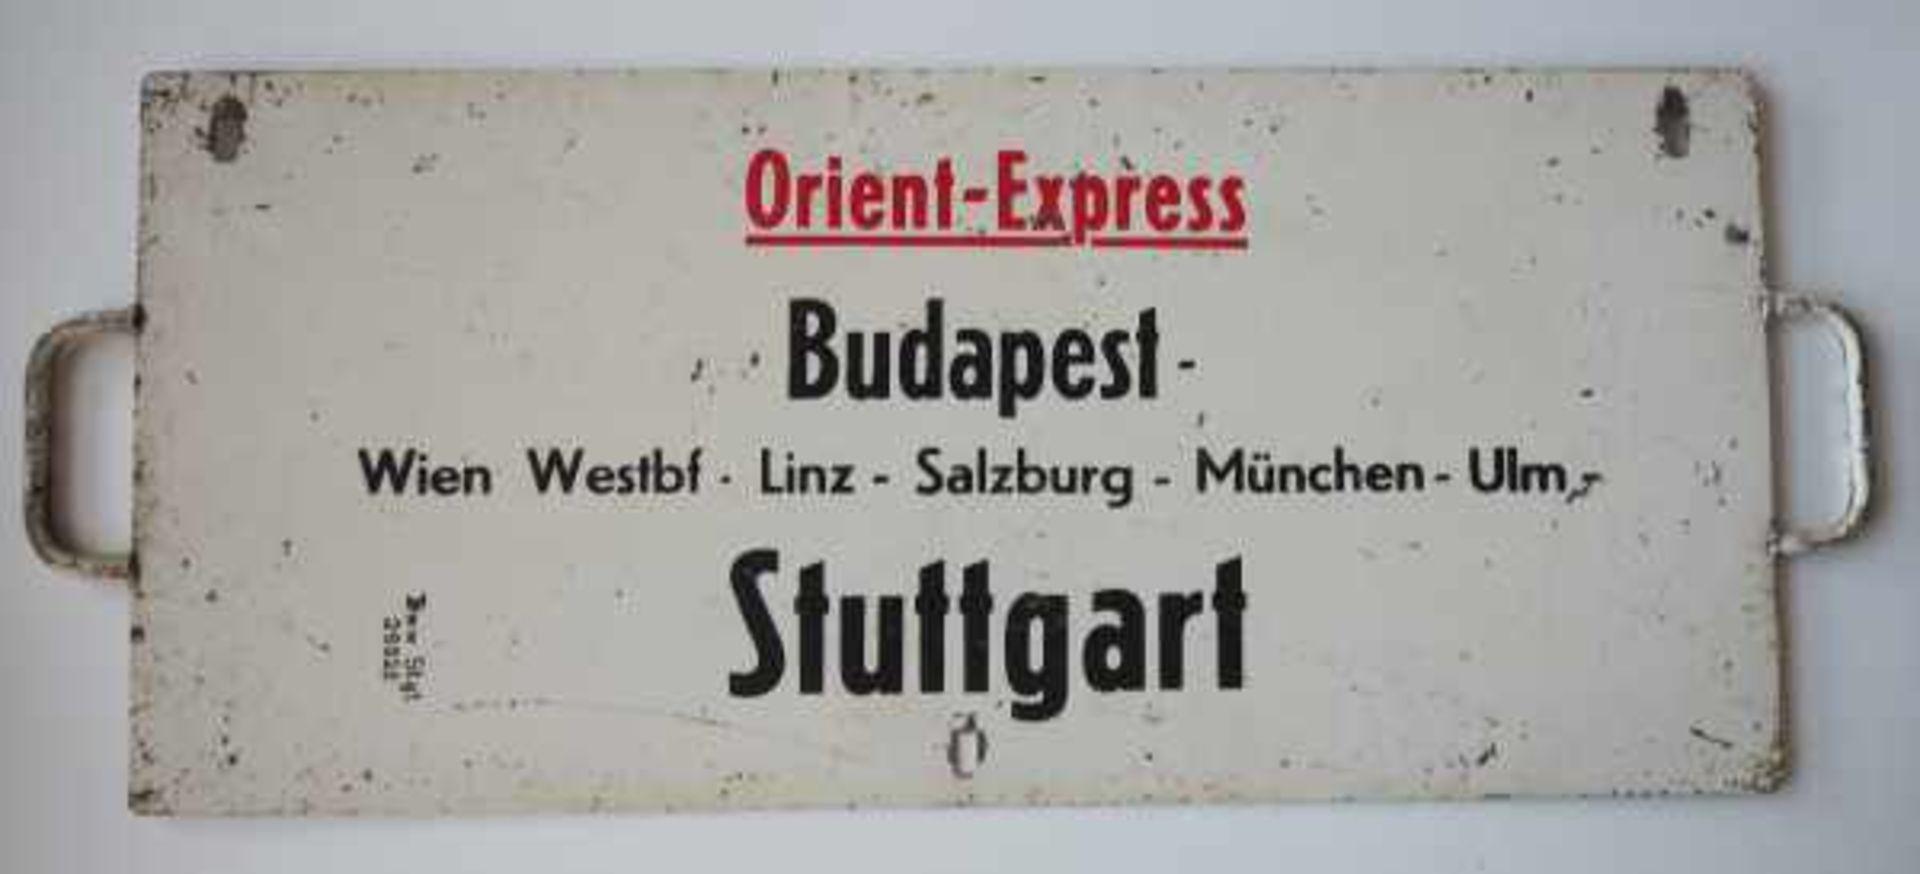 0.1.) Eisenbahn / Bergbau Eisenbahn - Zuglaufschild Orientexpress.Orient-Express von Stuttgart - Bild 2 aus 2